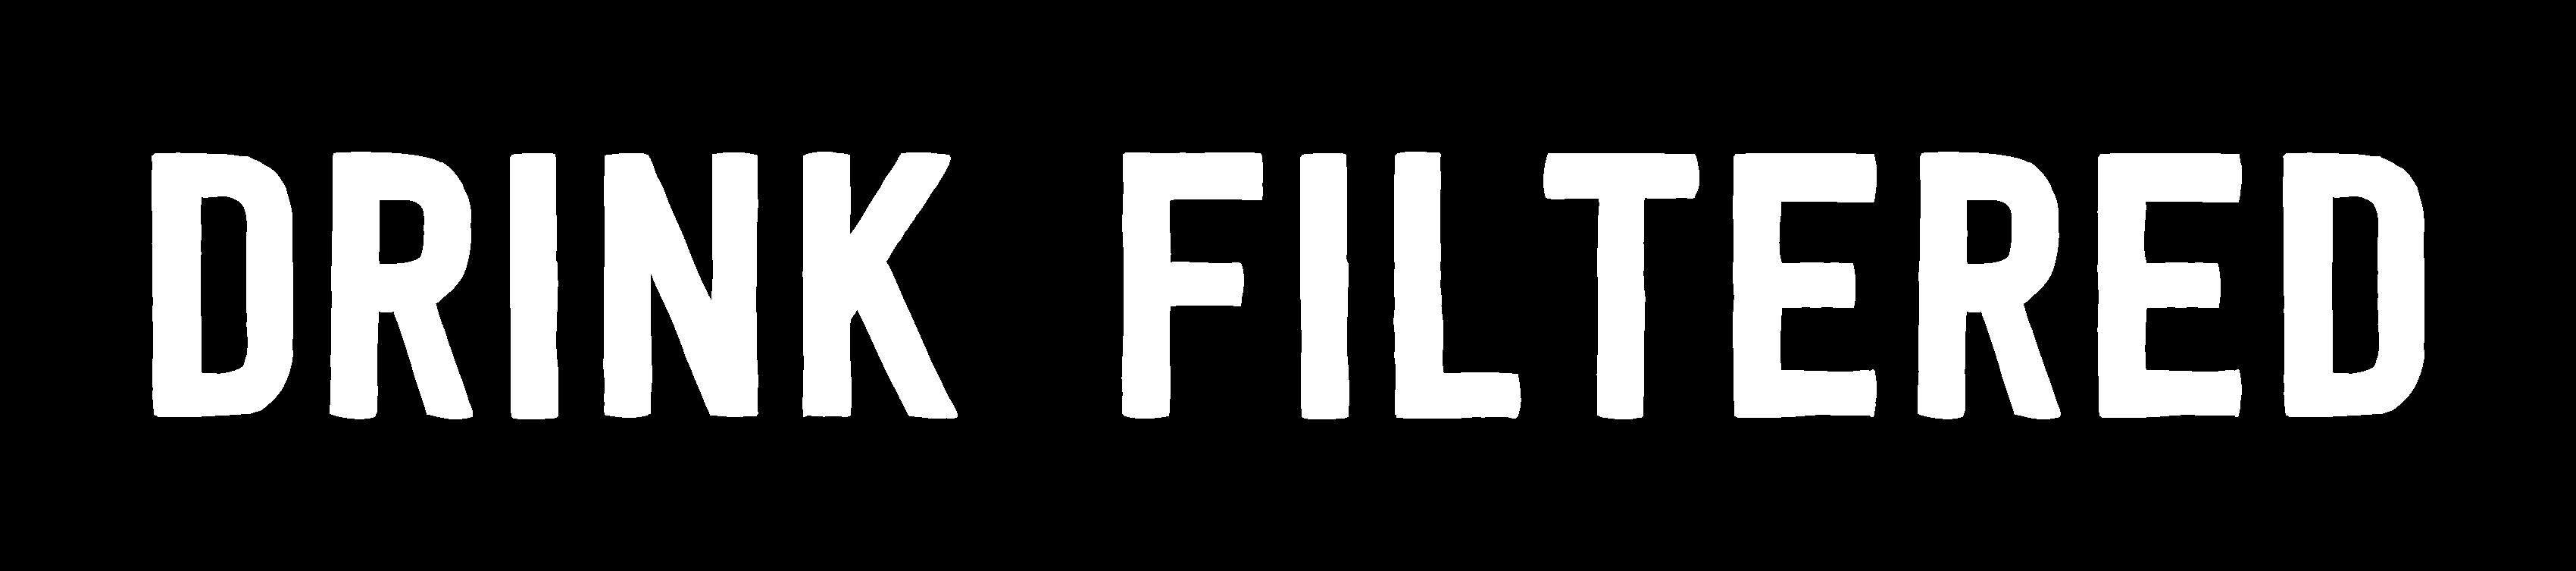 Drink Filtered